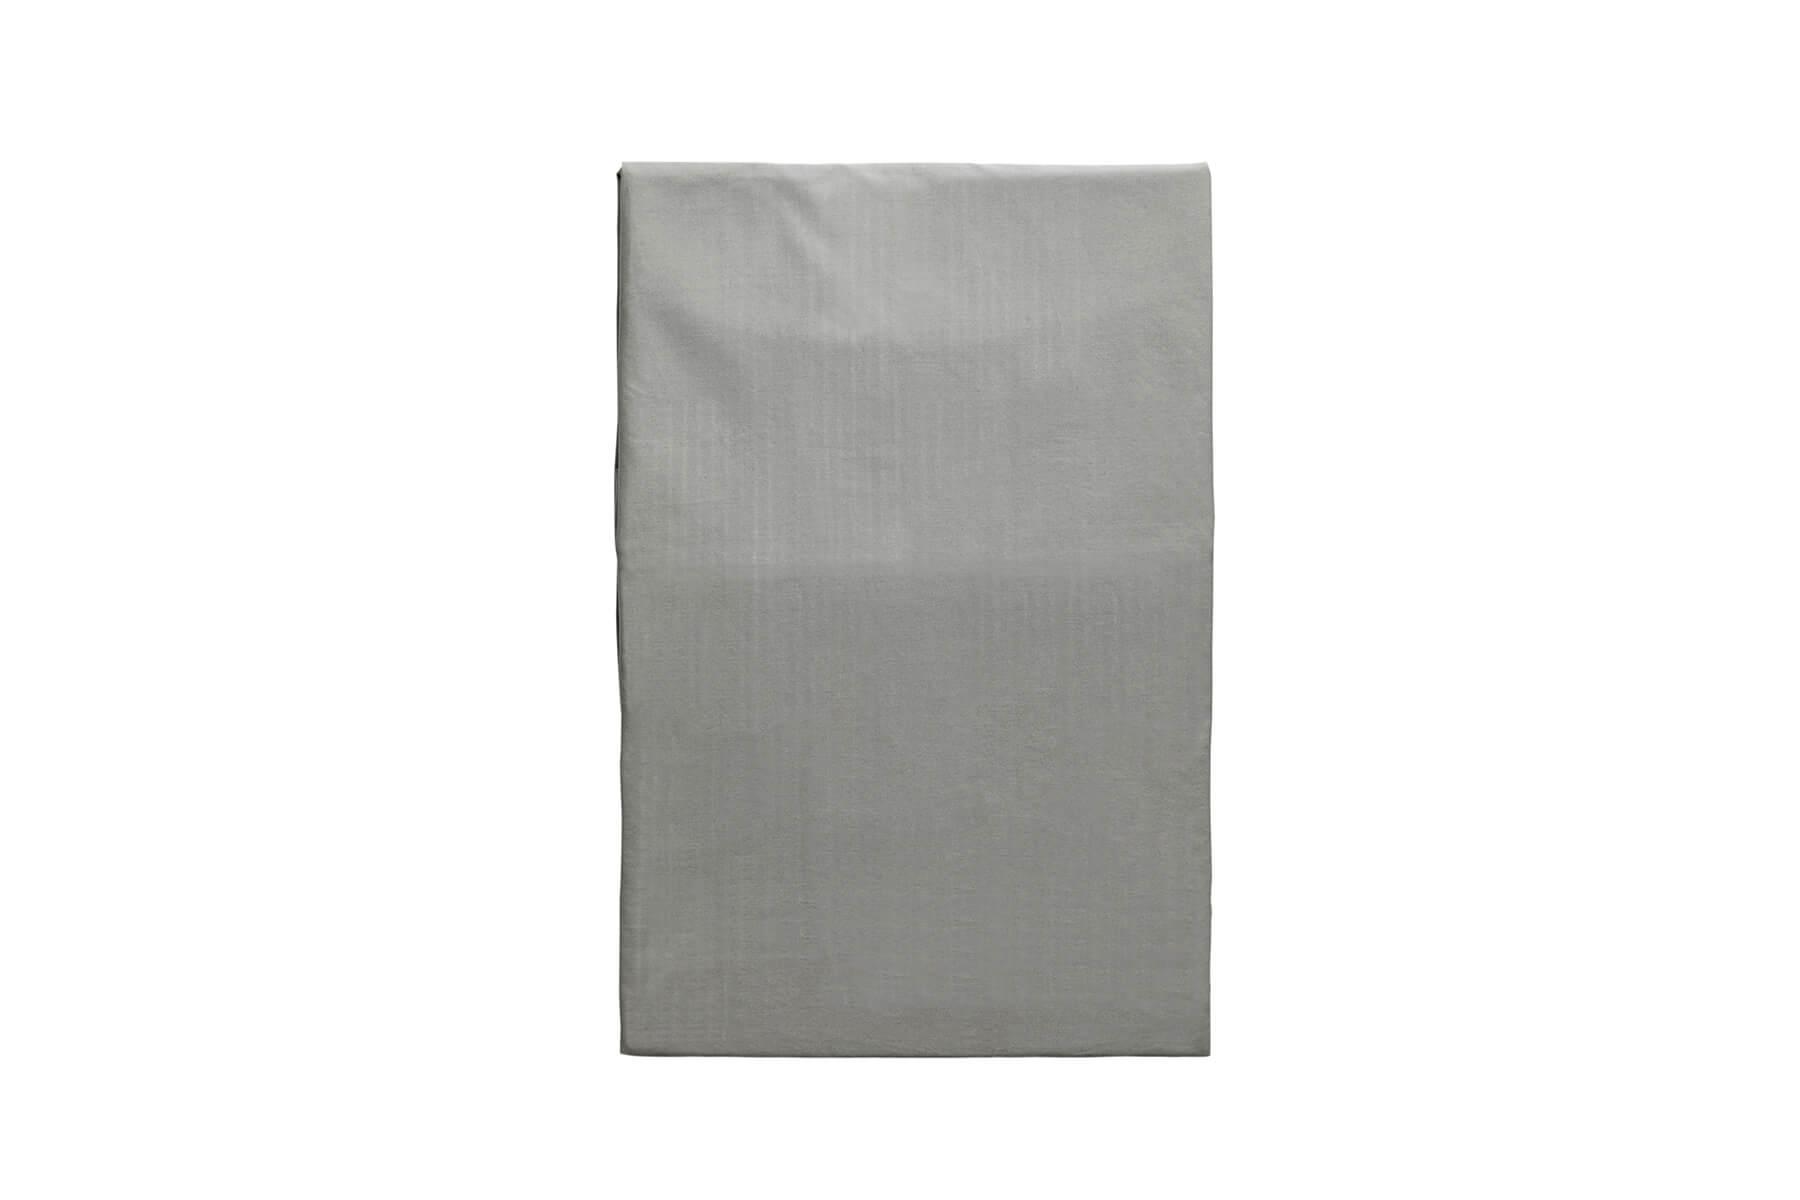 Køb Norhland kuvert splitlagen GrÃ¥ 180 x 200 cm